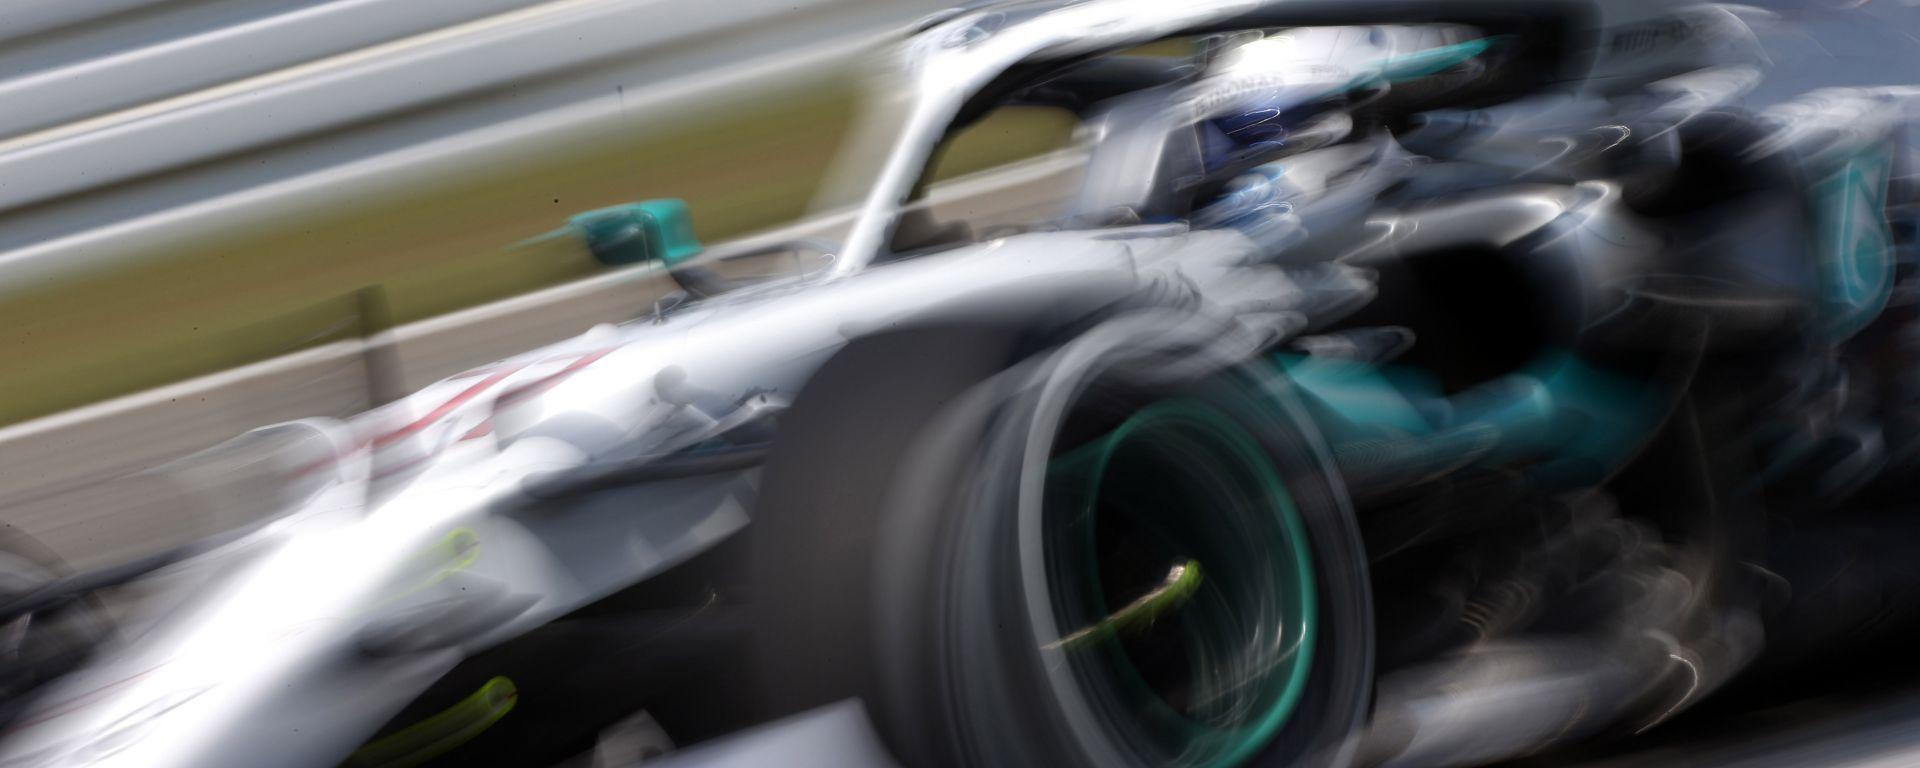 F1 GP Germania 2019, Valtteri Bottas alla guida della sua Mercedes W10 con livrea tributo